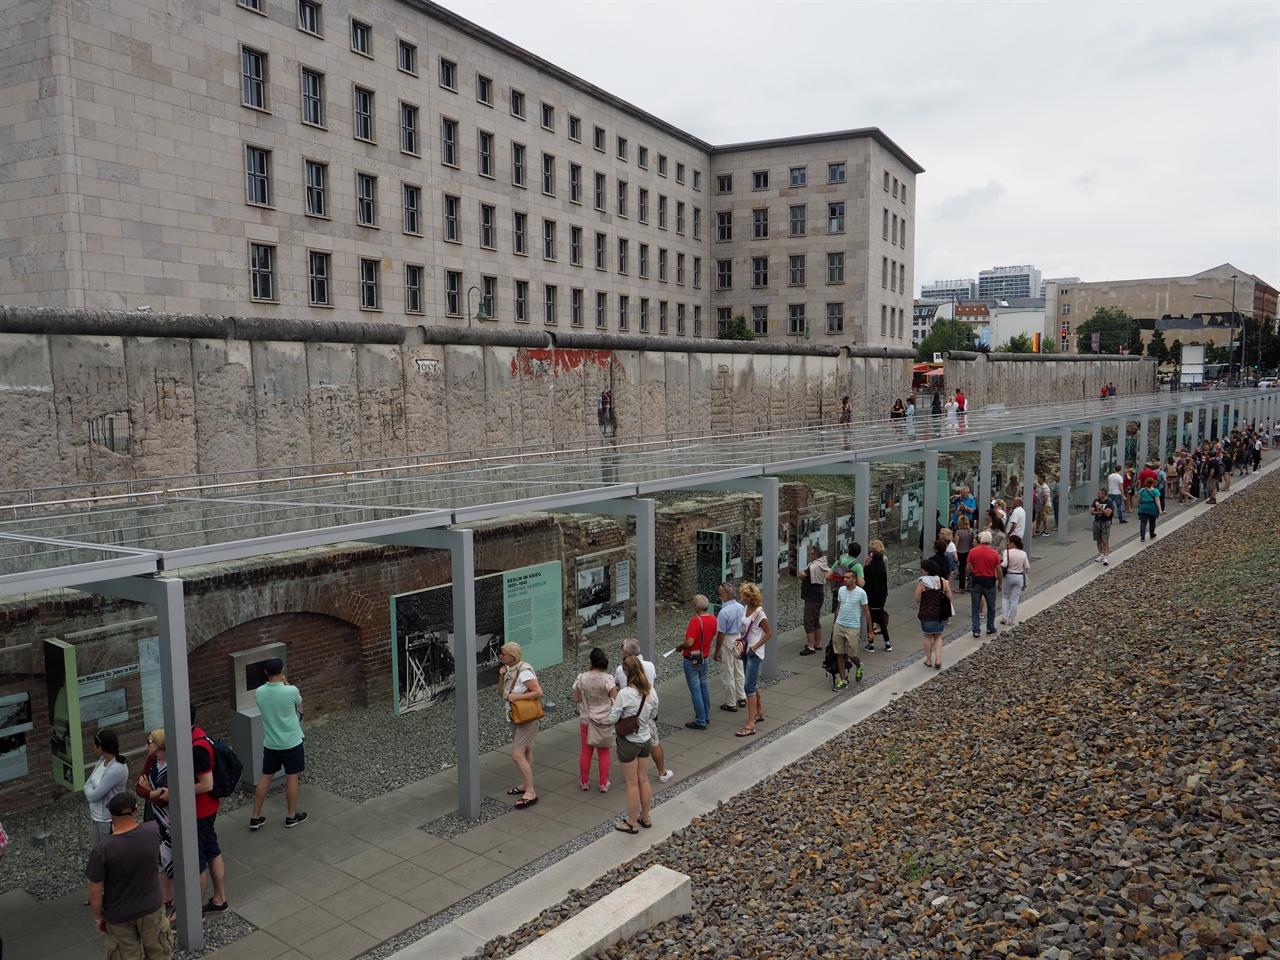 '공포의 지형도' 주 전시장 전경. 지표면으로 베를린 장벽 유적이 보인다.